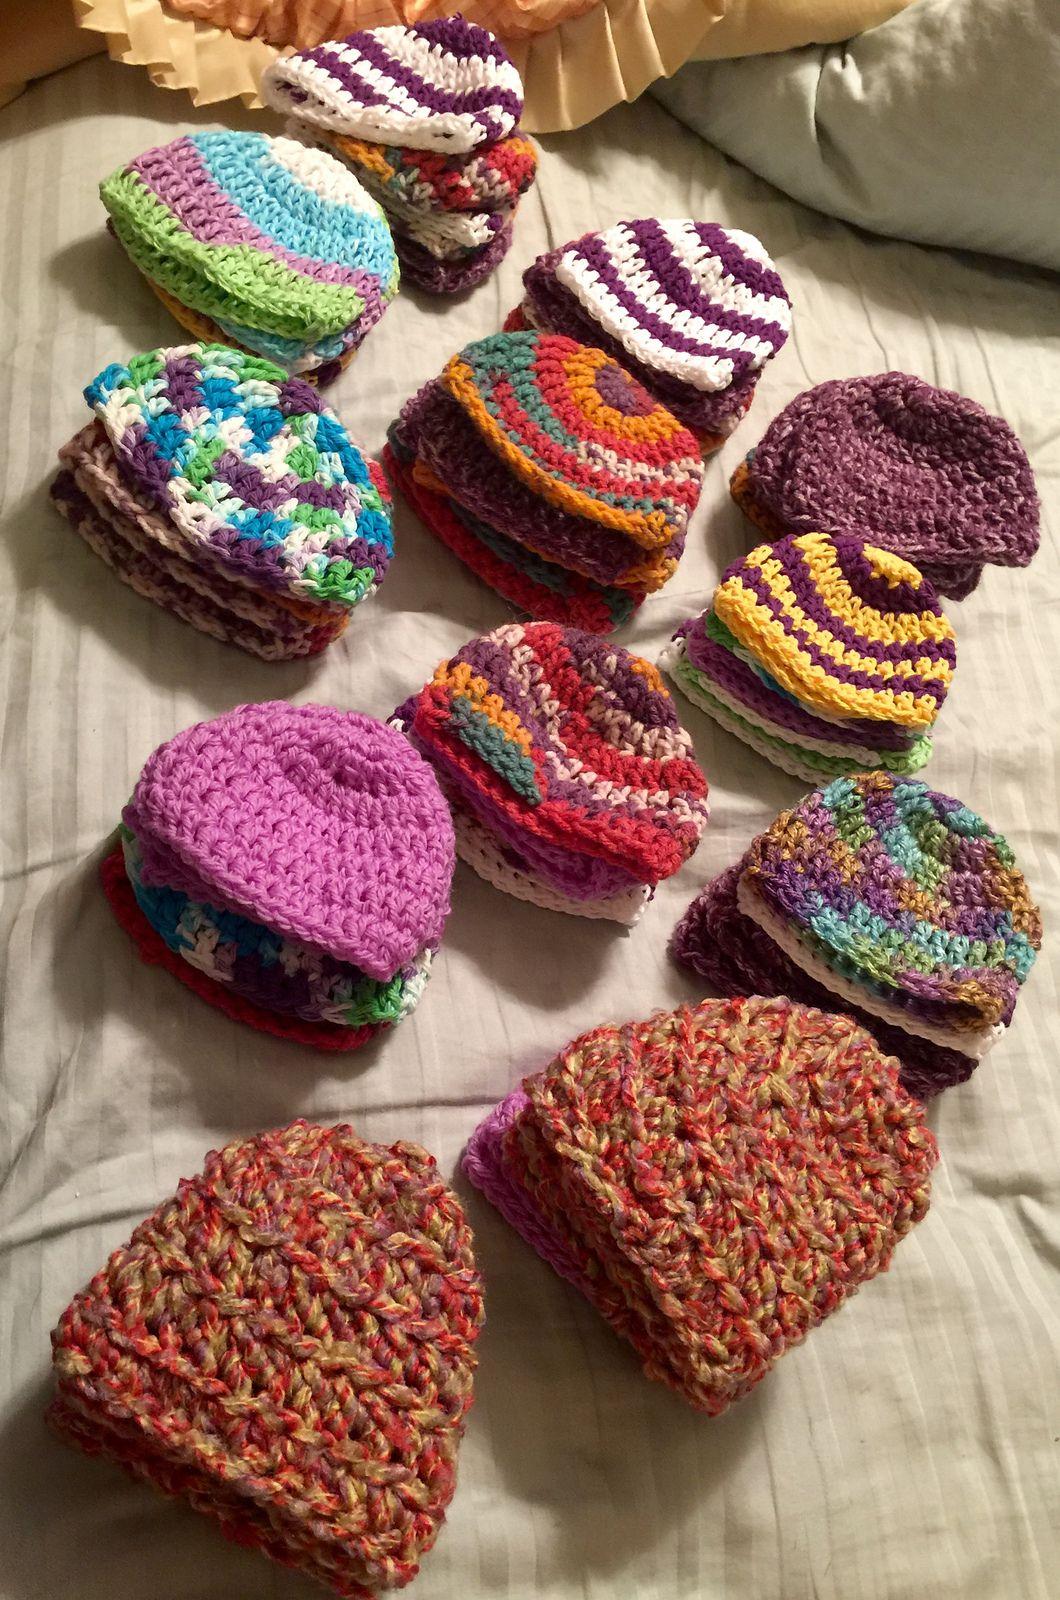 Simple Double Crochet Hat By Oombawka Design - Free Crochet Pattern ...